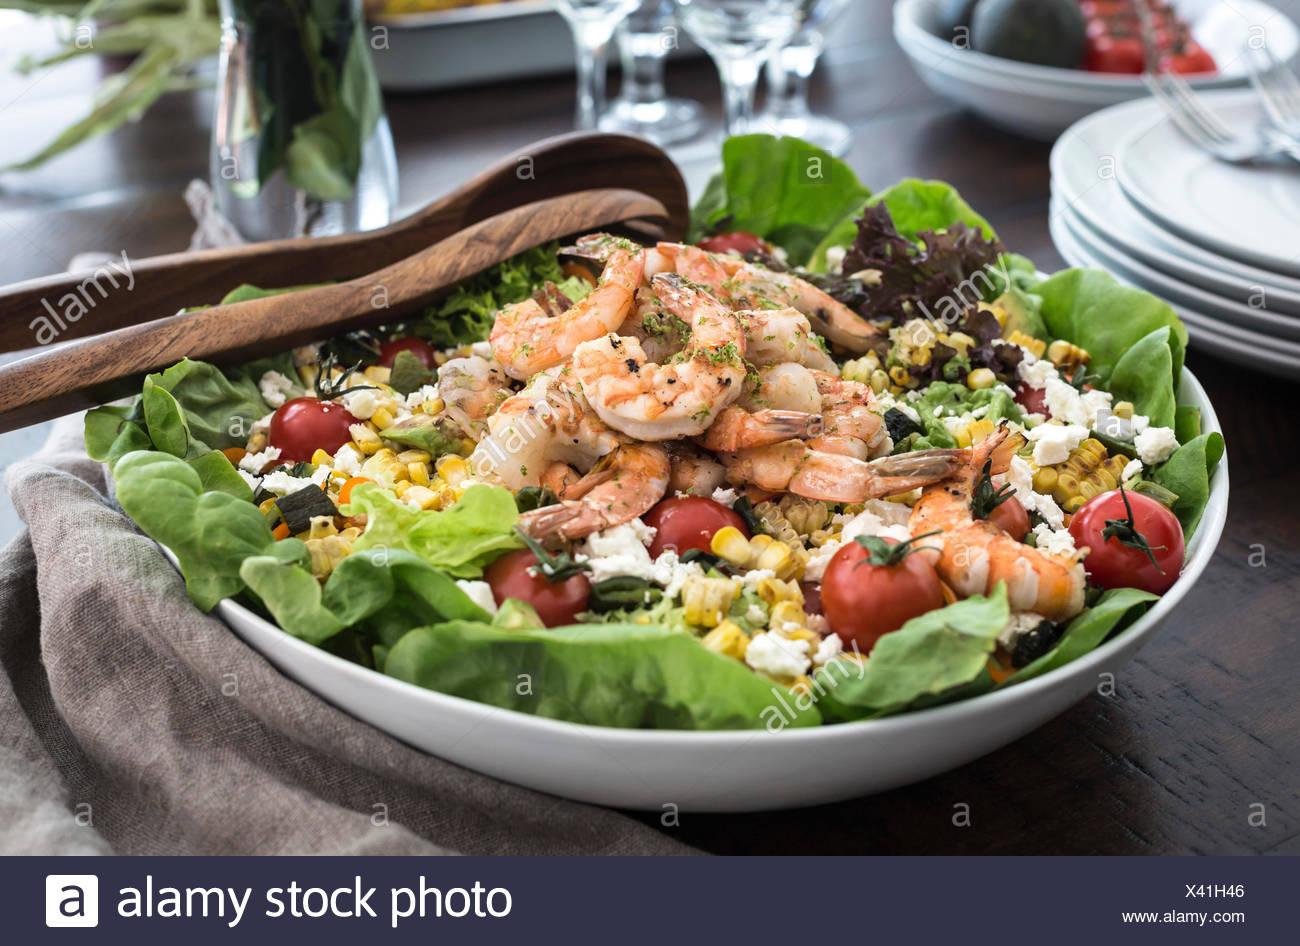 Eine große Schale mit gegrillten Shrimps und Feldsalat wird aus der Vorderansicht fotografiert. Stockbild